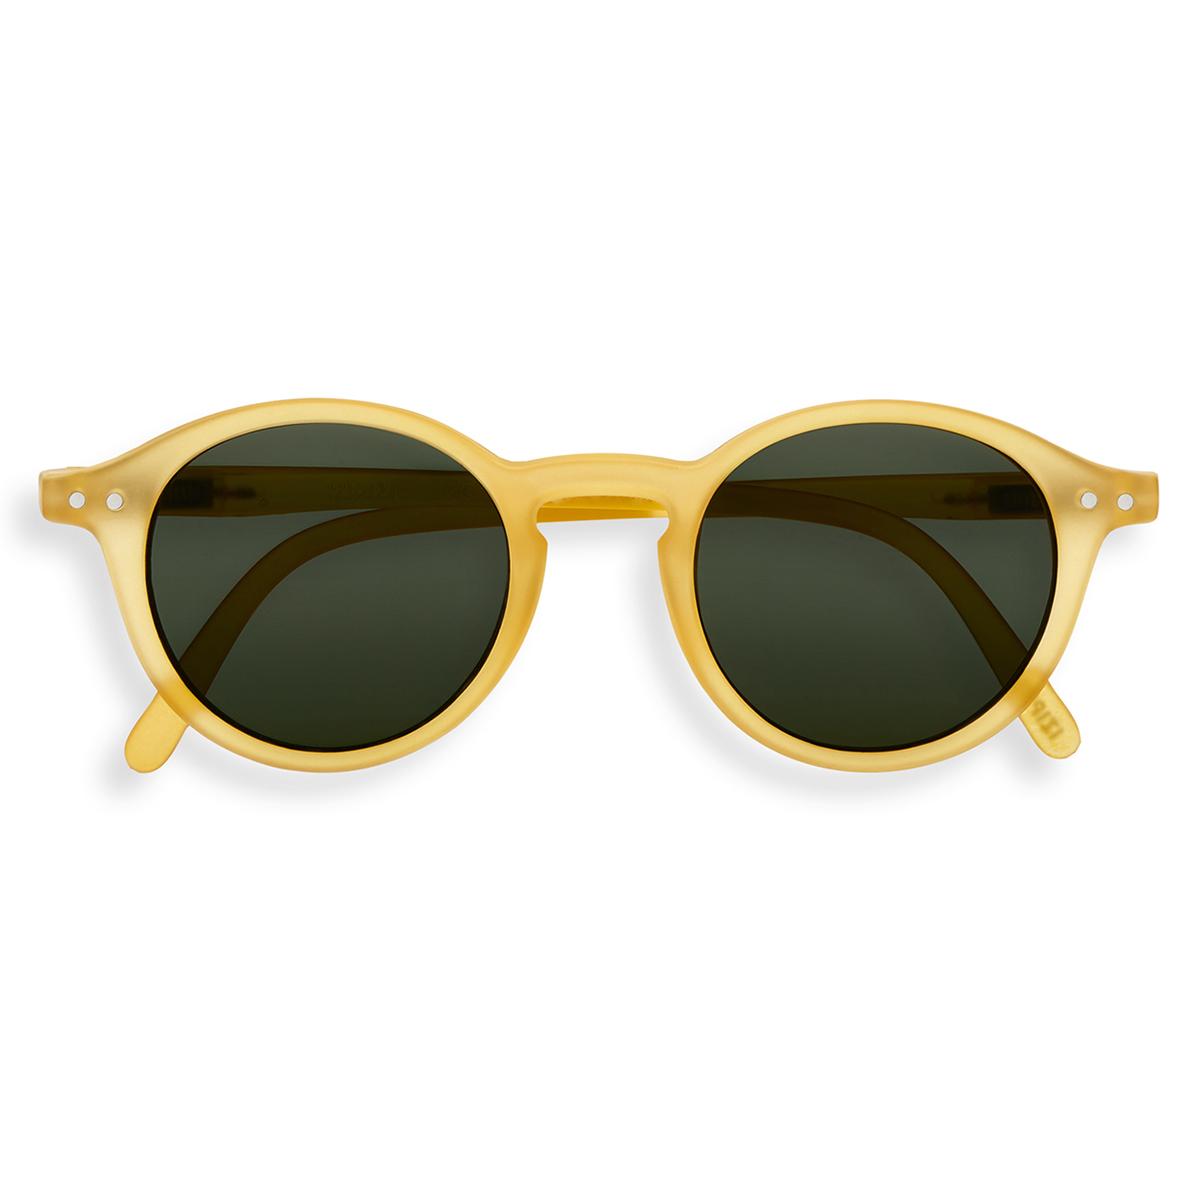 Accessoires bébé Lunettes de Soleil Sun Junior D 5/10 Ans - Yellow Honey Lunettes de Soleil Sun Junior D 5/10 Ans - Yellow Honey